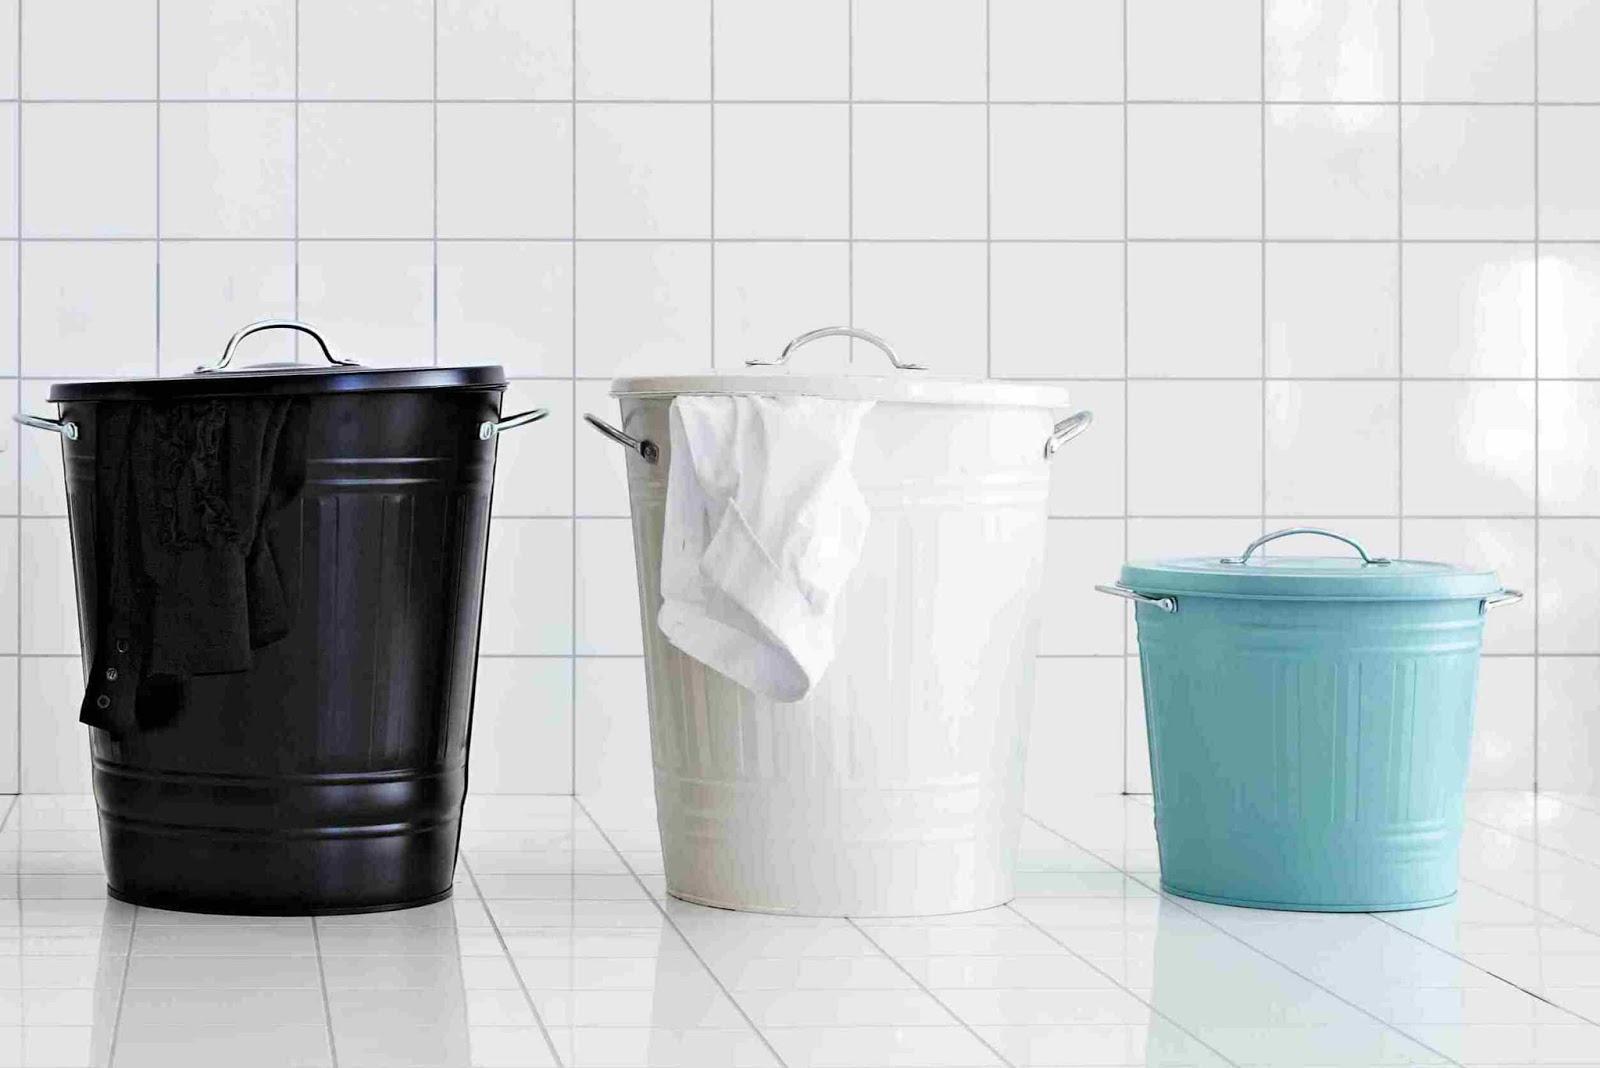 Raccolta Differenziata Bidoni Ikea astenersi no perditempo: ikea vintage, accessori per la casa